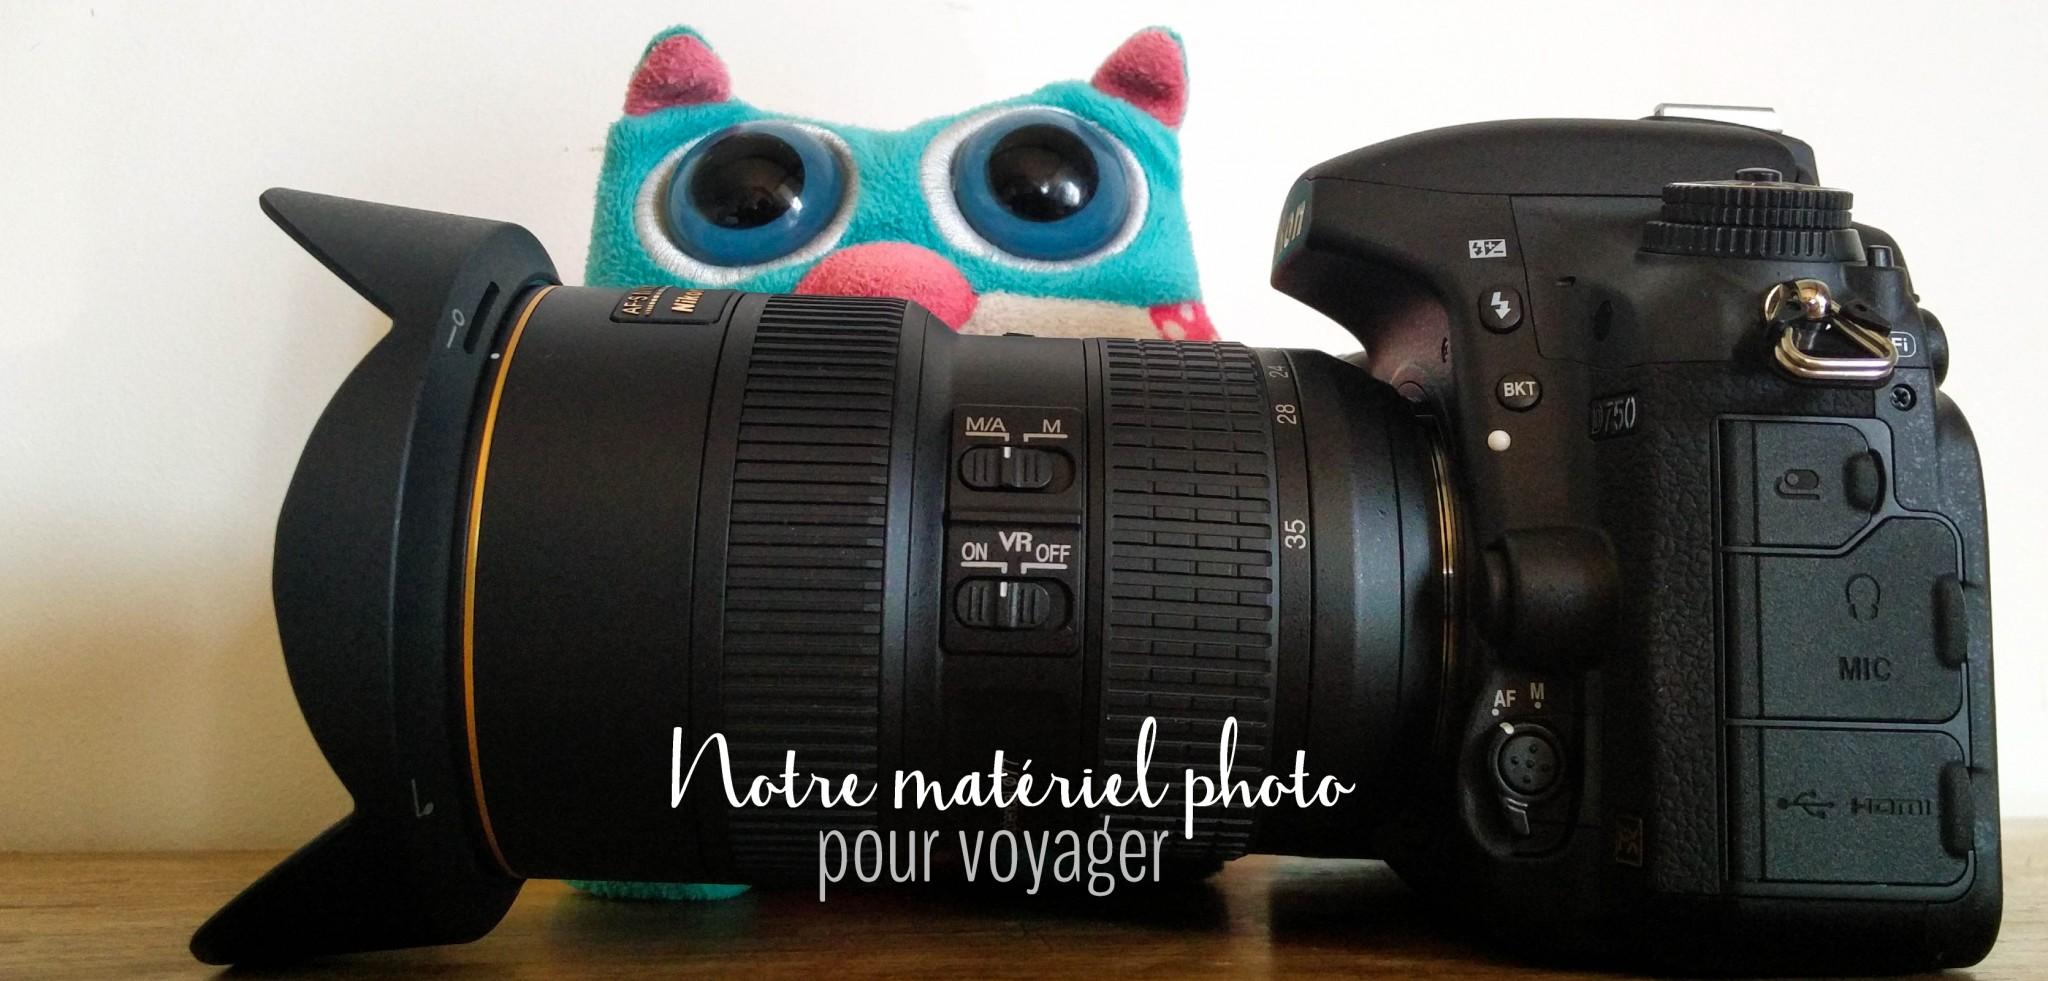 Le matériel photo que j'ai choisi pour voyager